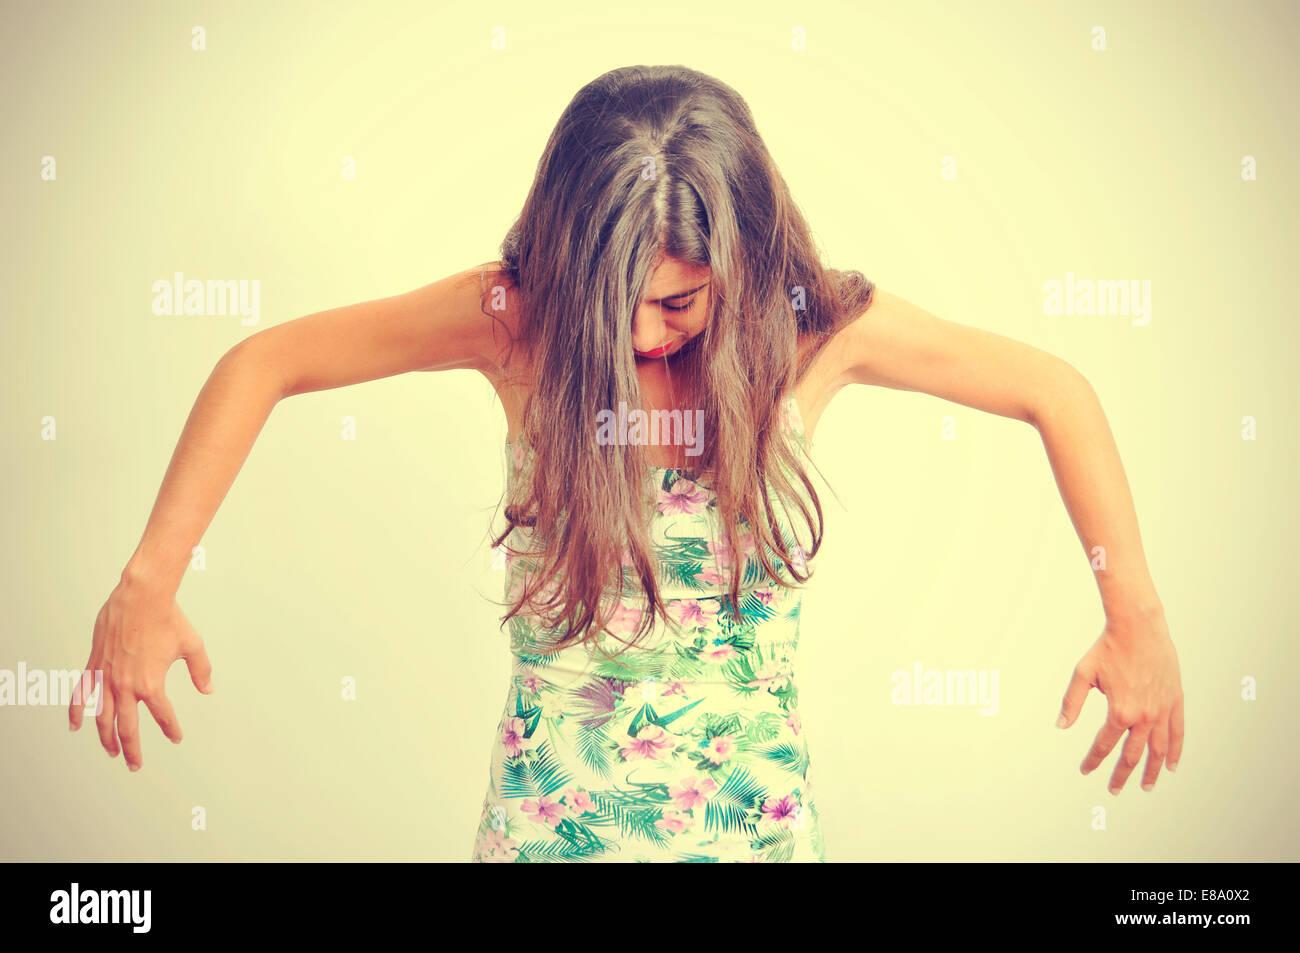 Retrato de una joven morenita mujer realizan la danza contemporánea, con un efecto retro Imagen De Stock